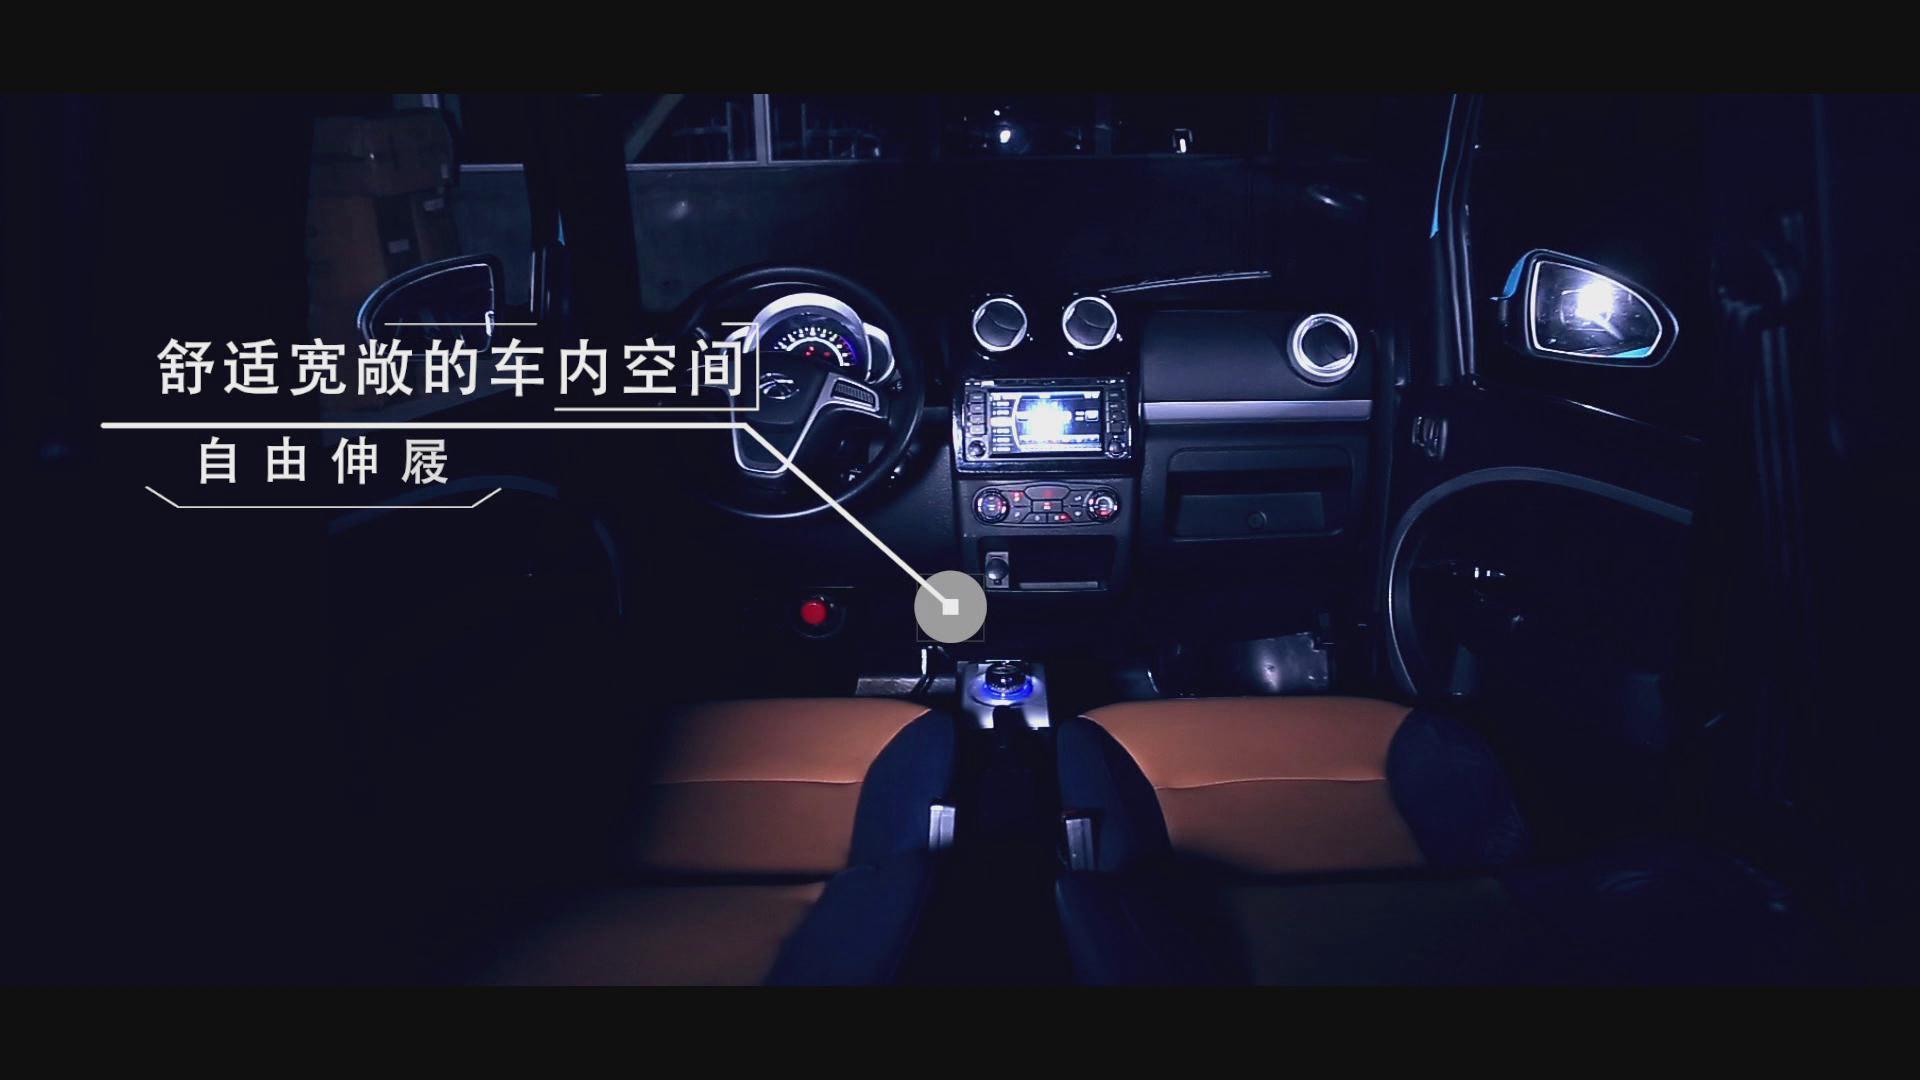 汽车行业宣传片